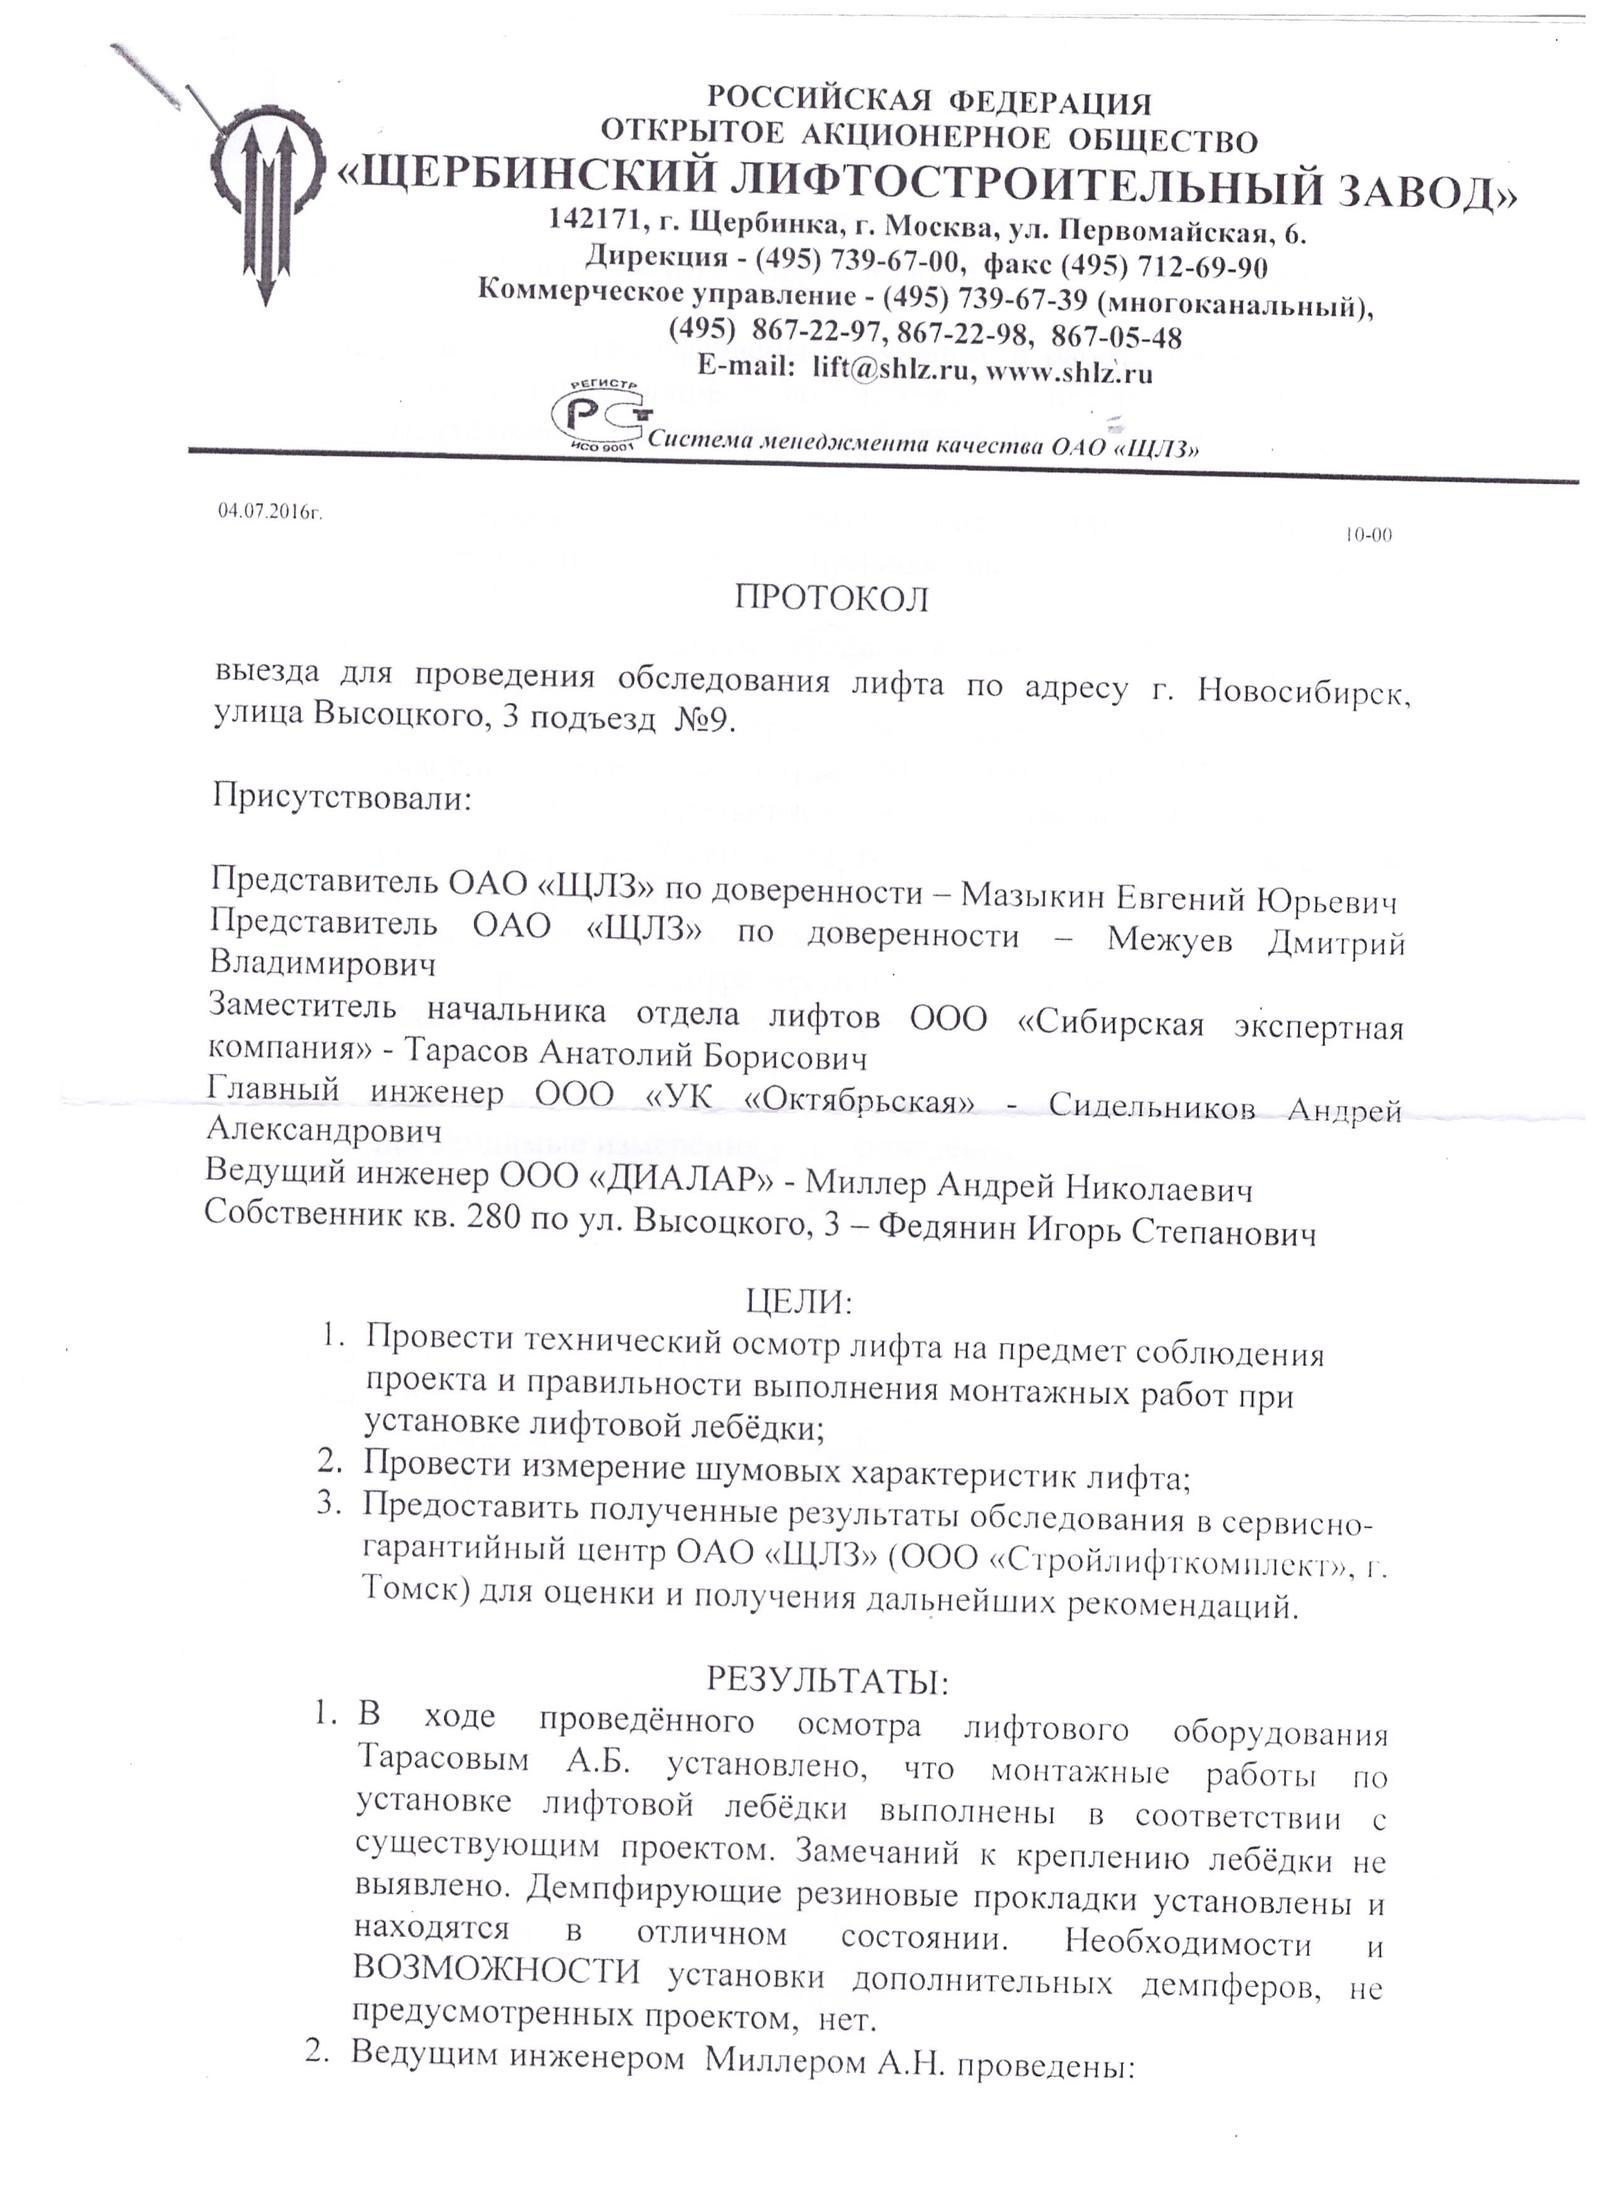 инструкция по эксплуатации лифта могилевского лифтостроительного завода